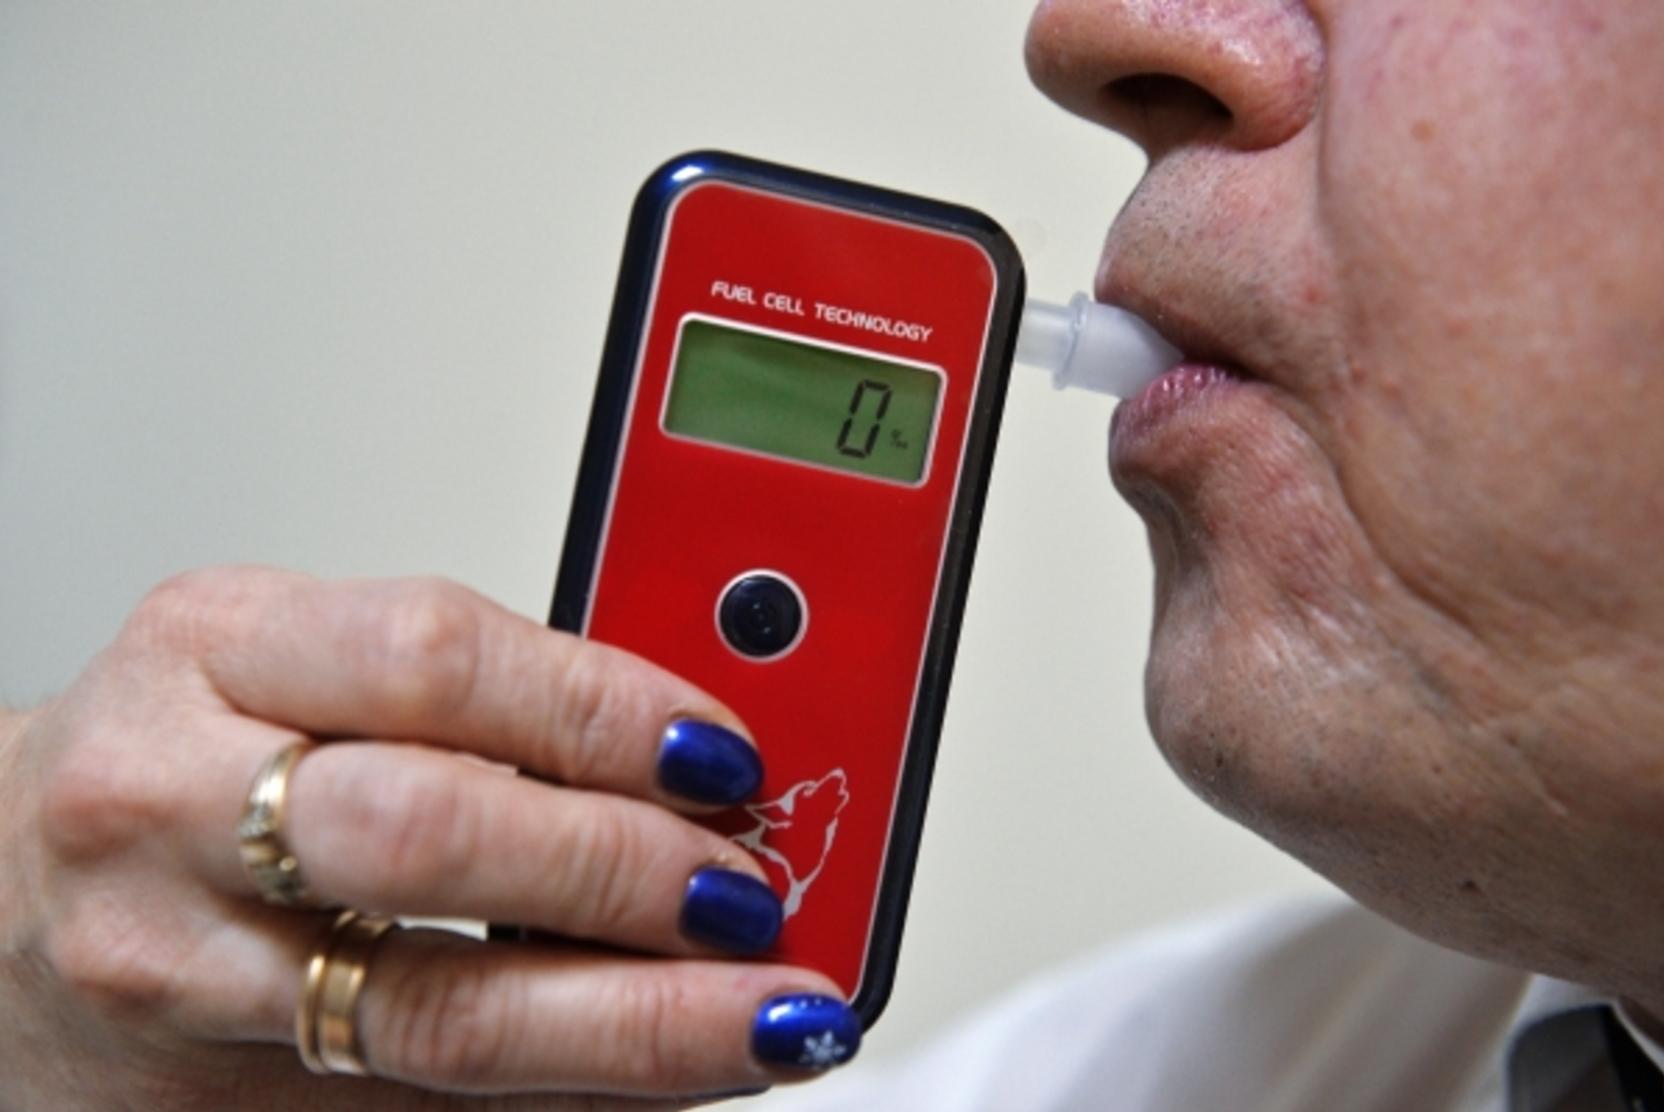 Новости за ночь: Минздрав подготовит изменения в медосмотре водителей до конца года